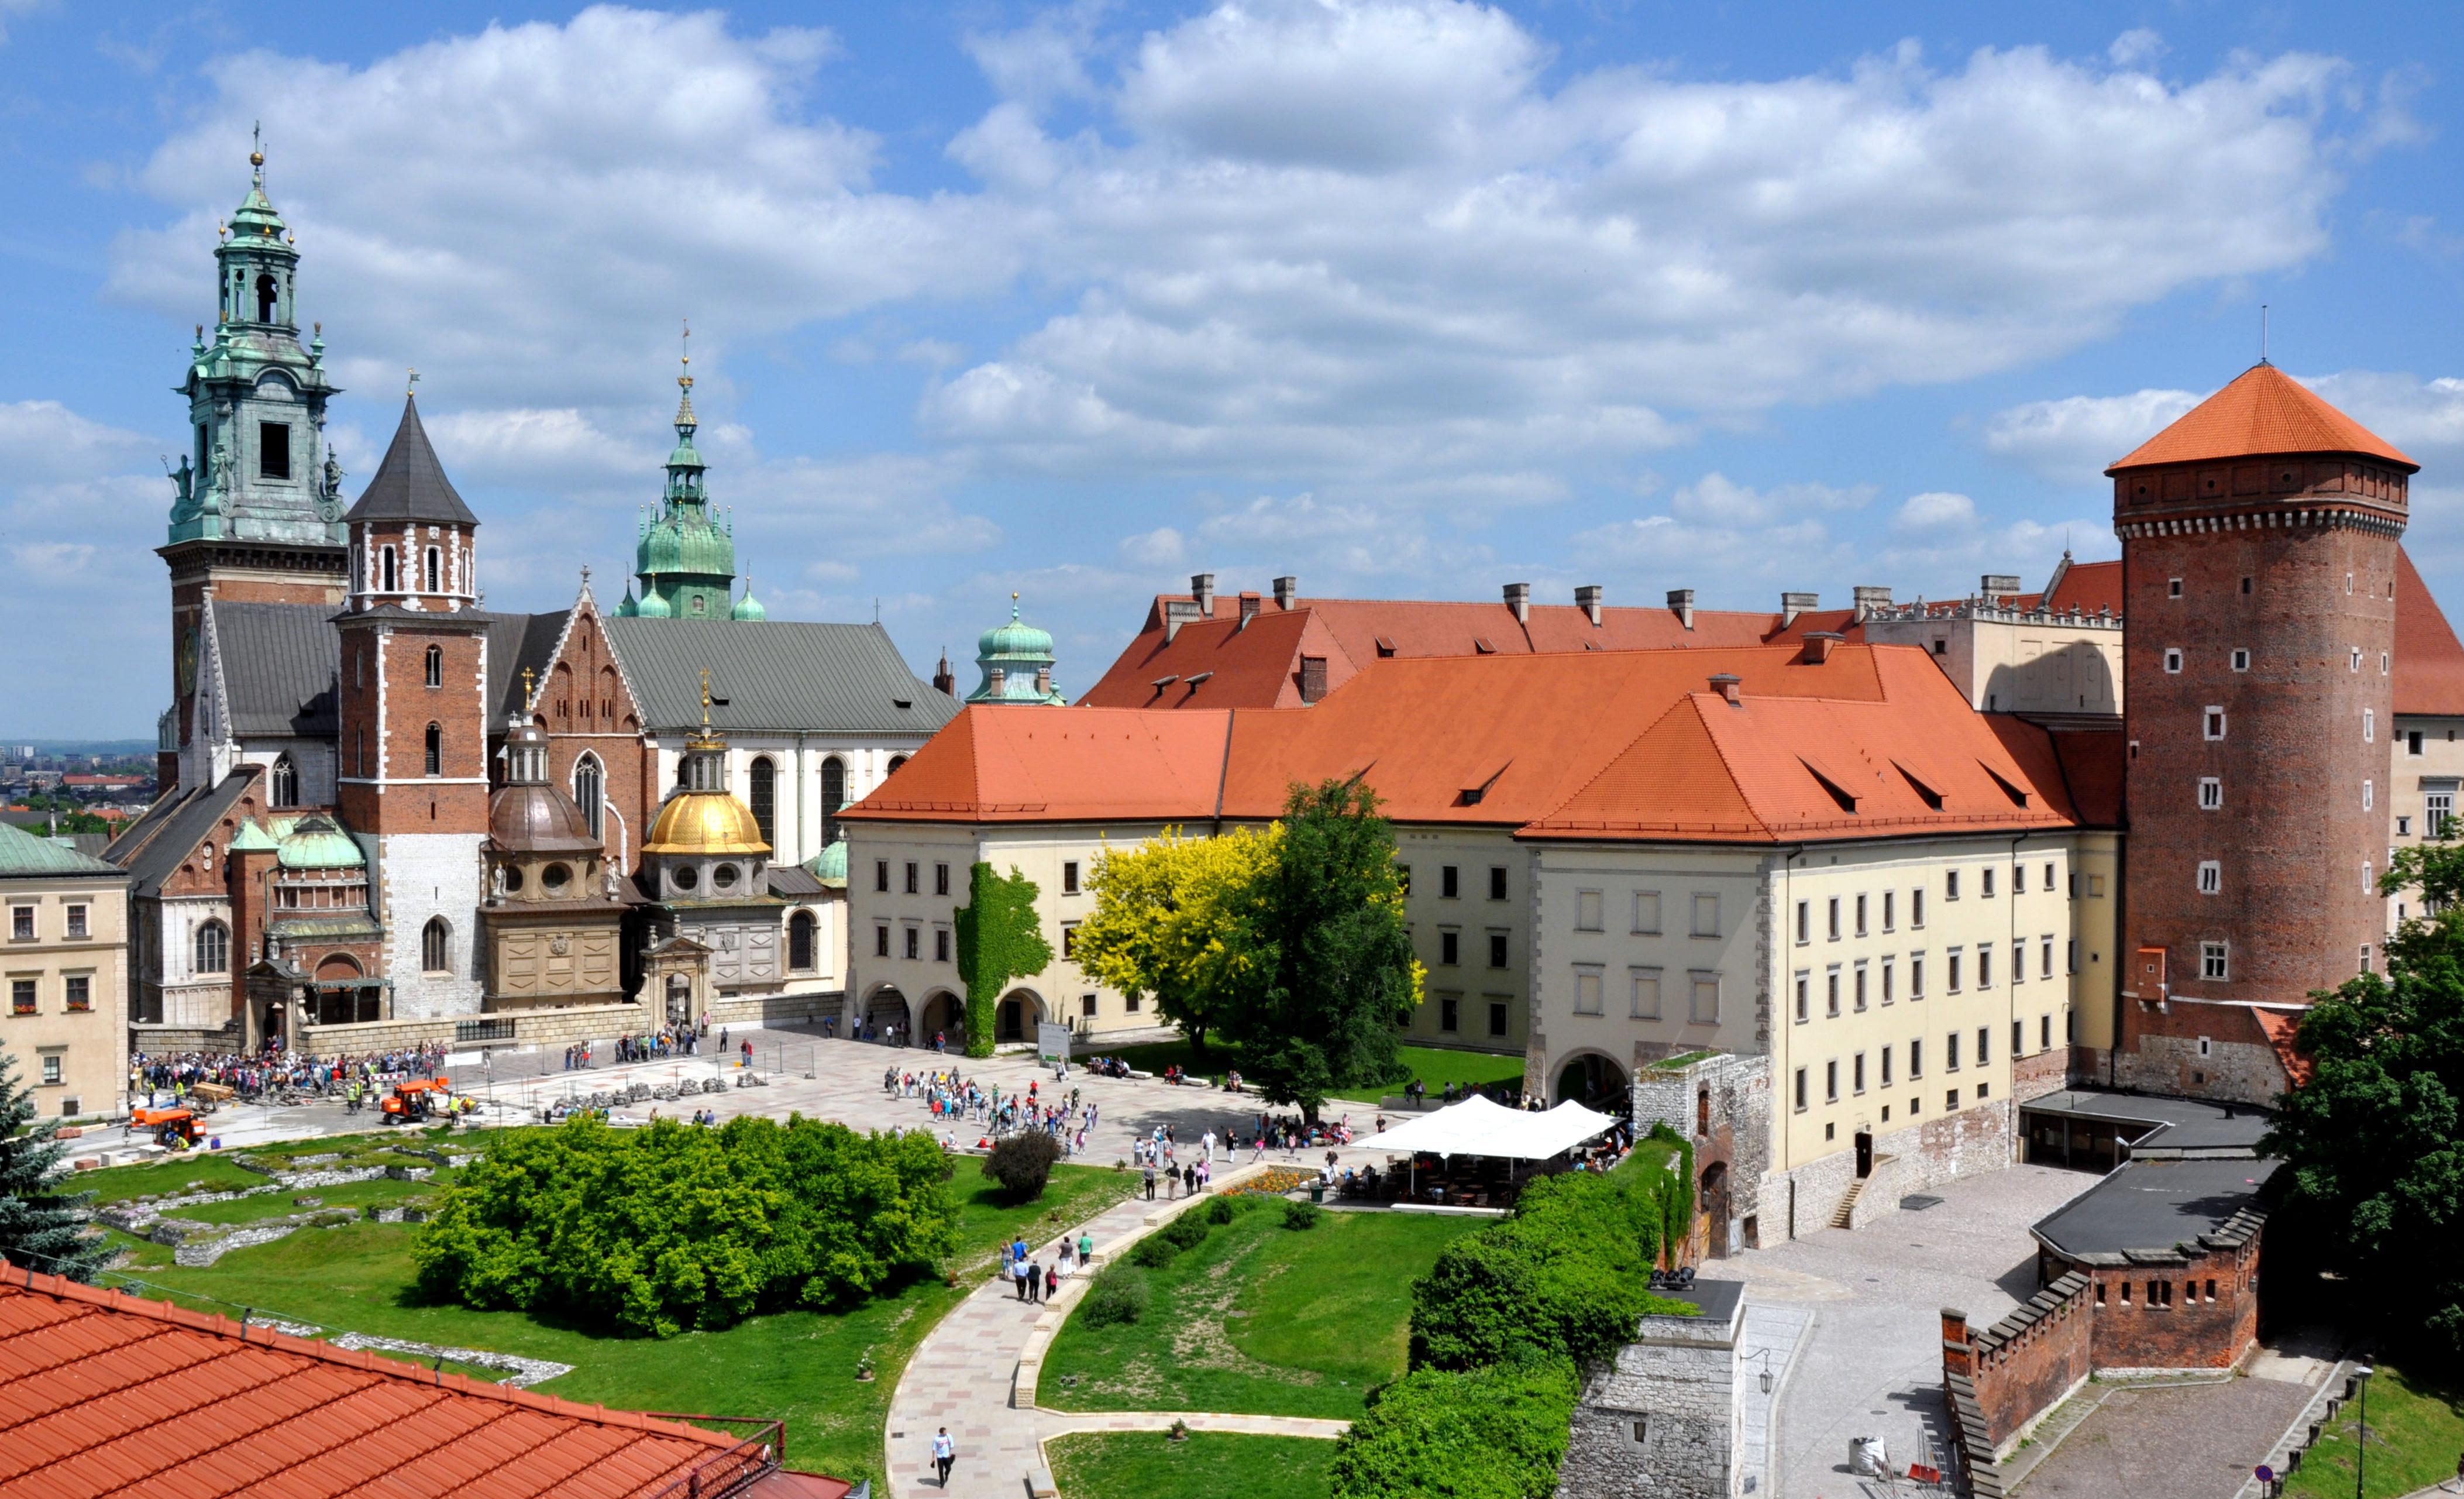 Wawel castle.jpg